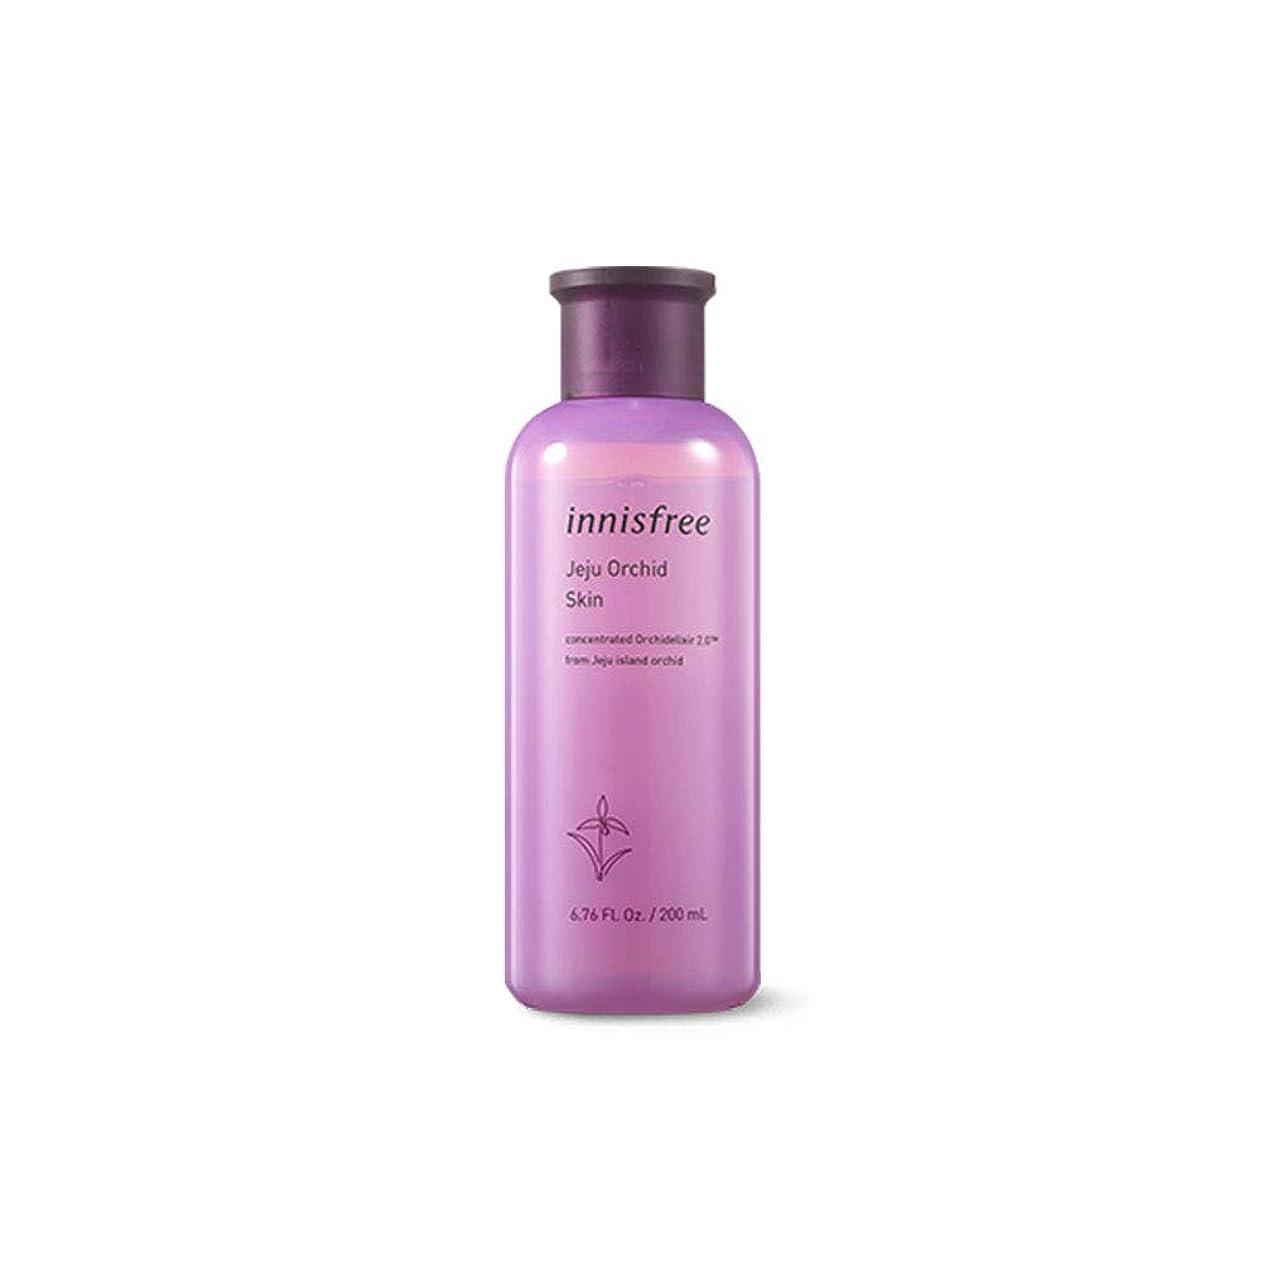 エリート礼儀ぼかし[イニスプリー]Innisfree 寒暖スキン(200ml) 新商品入荷 Innisfree Orchid Skin (200ml) New Arrival [海外直送品]